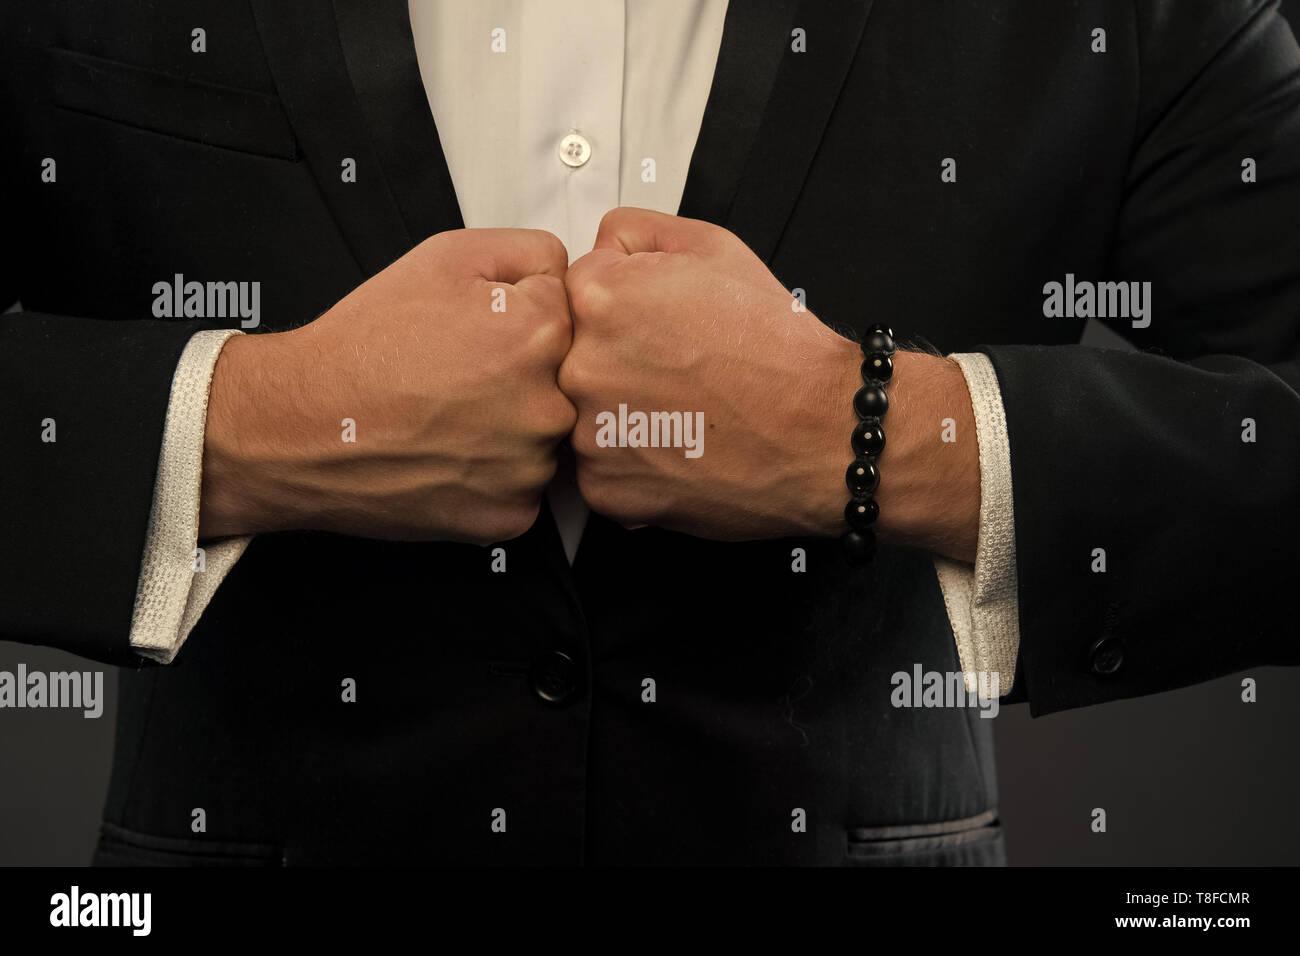 Hände bump Fäuste. Fäuste Zusammentreffen mit Strom. Stanzen von Geschäftsmann. Konflikt Konzept. Konfrontation und Wettbewerb in der Wirtschaft. Stockbild